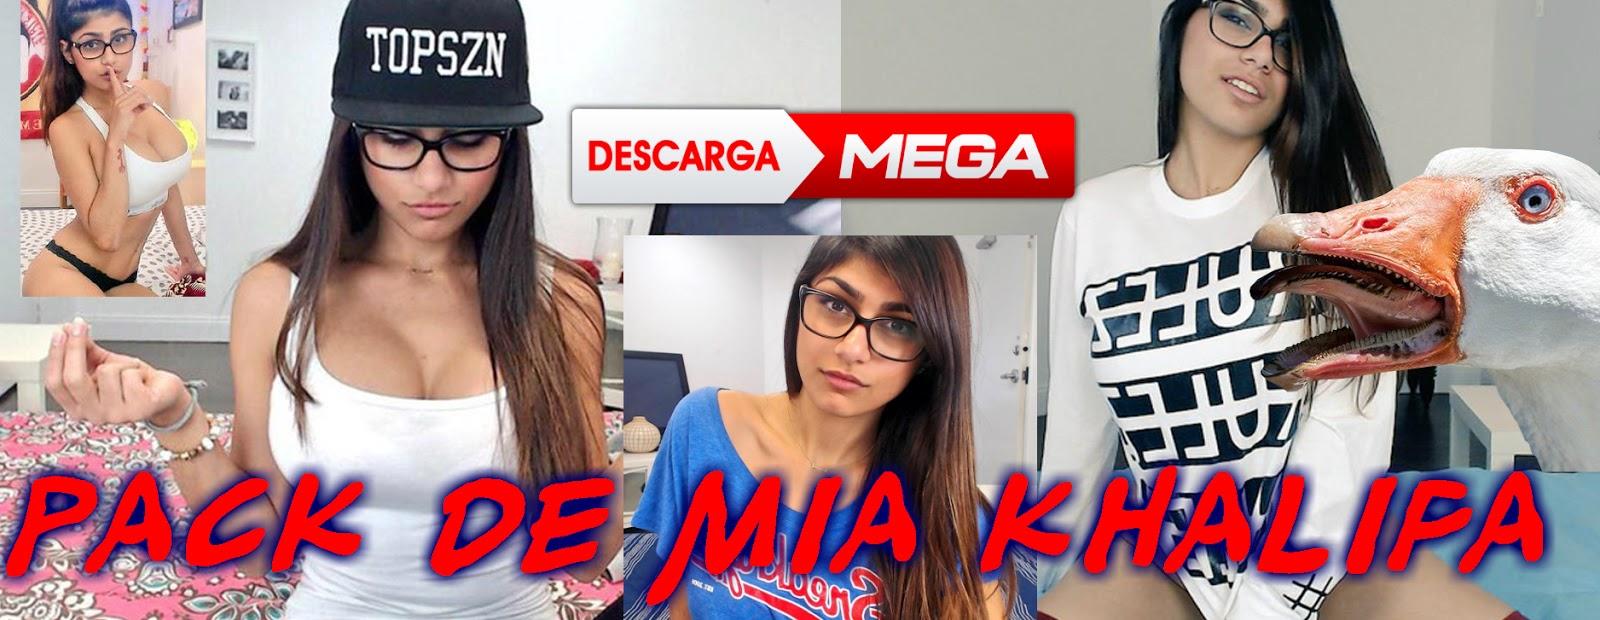 Actriz Porno Gafas porno por mega: pack de mia khalifa las mejores tetas del